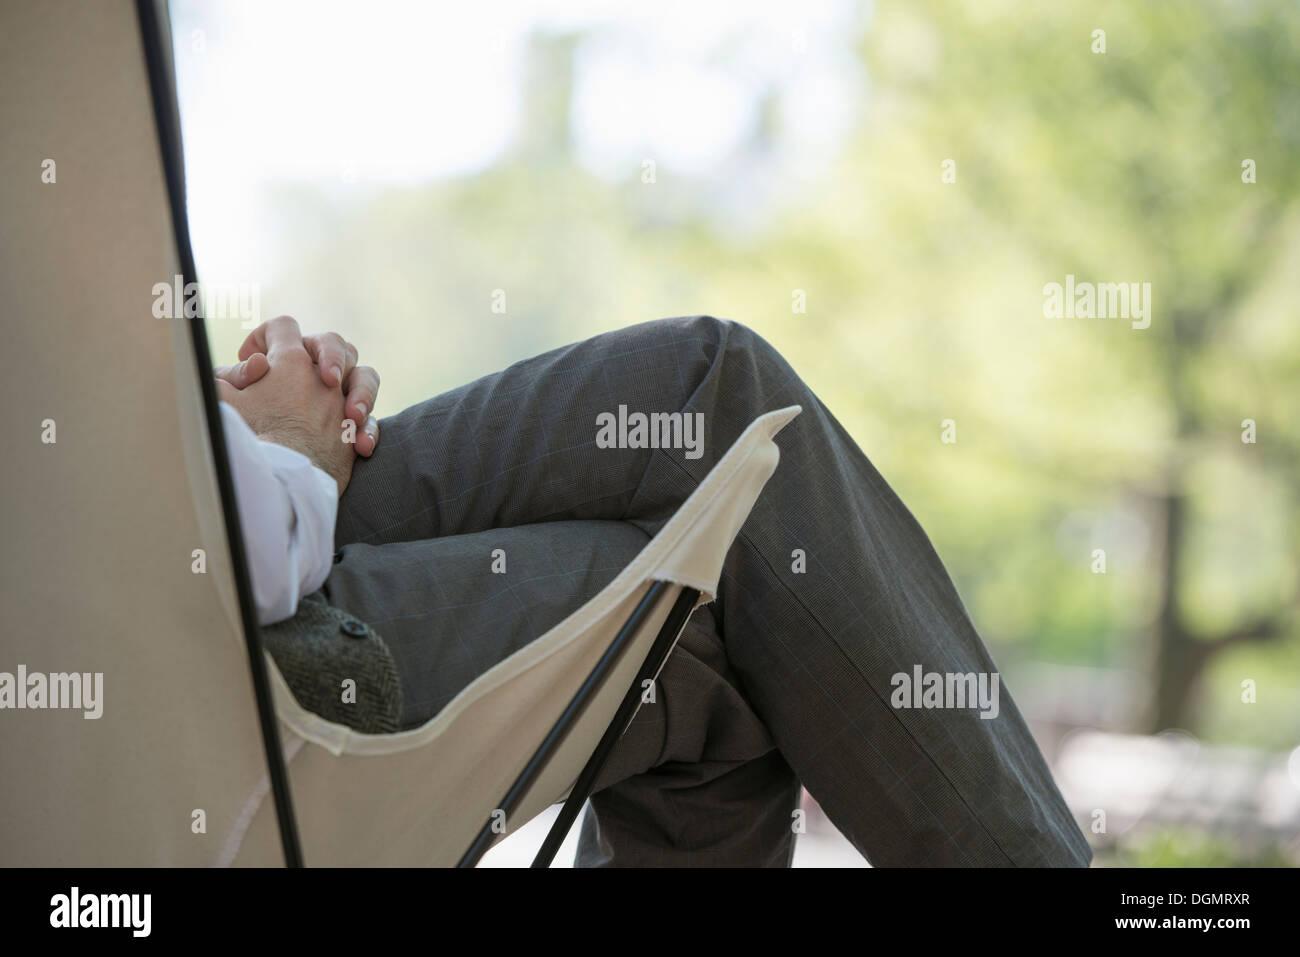 La vita della città. Un uomo seduto in una tela sedia campeggio nel parco. Immagini Stock